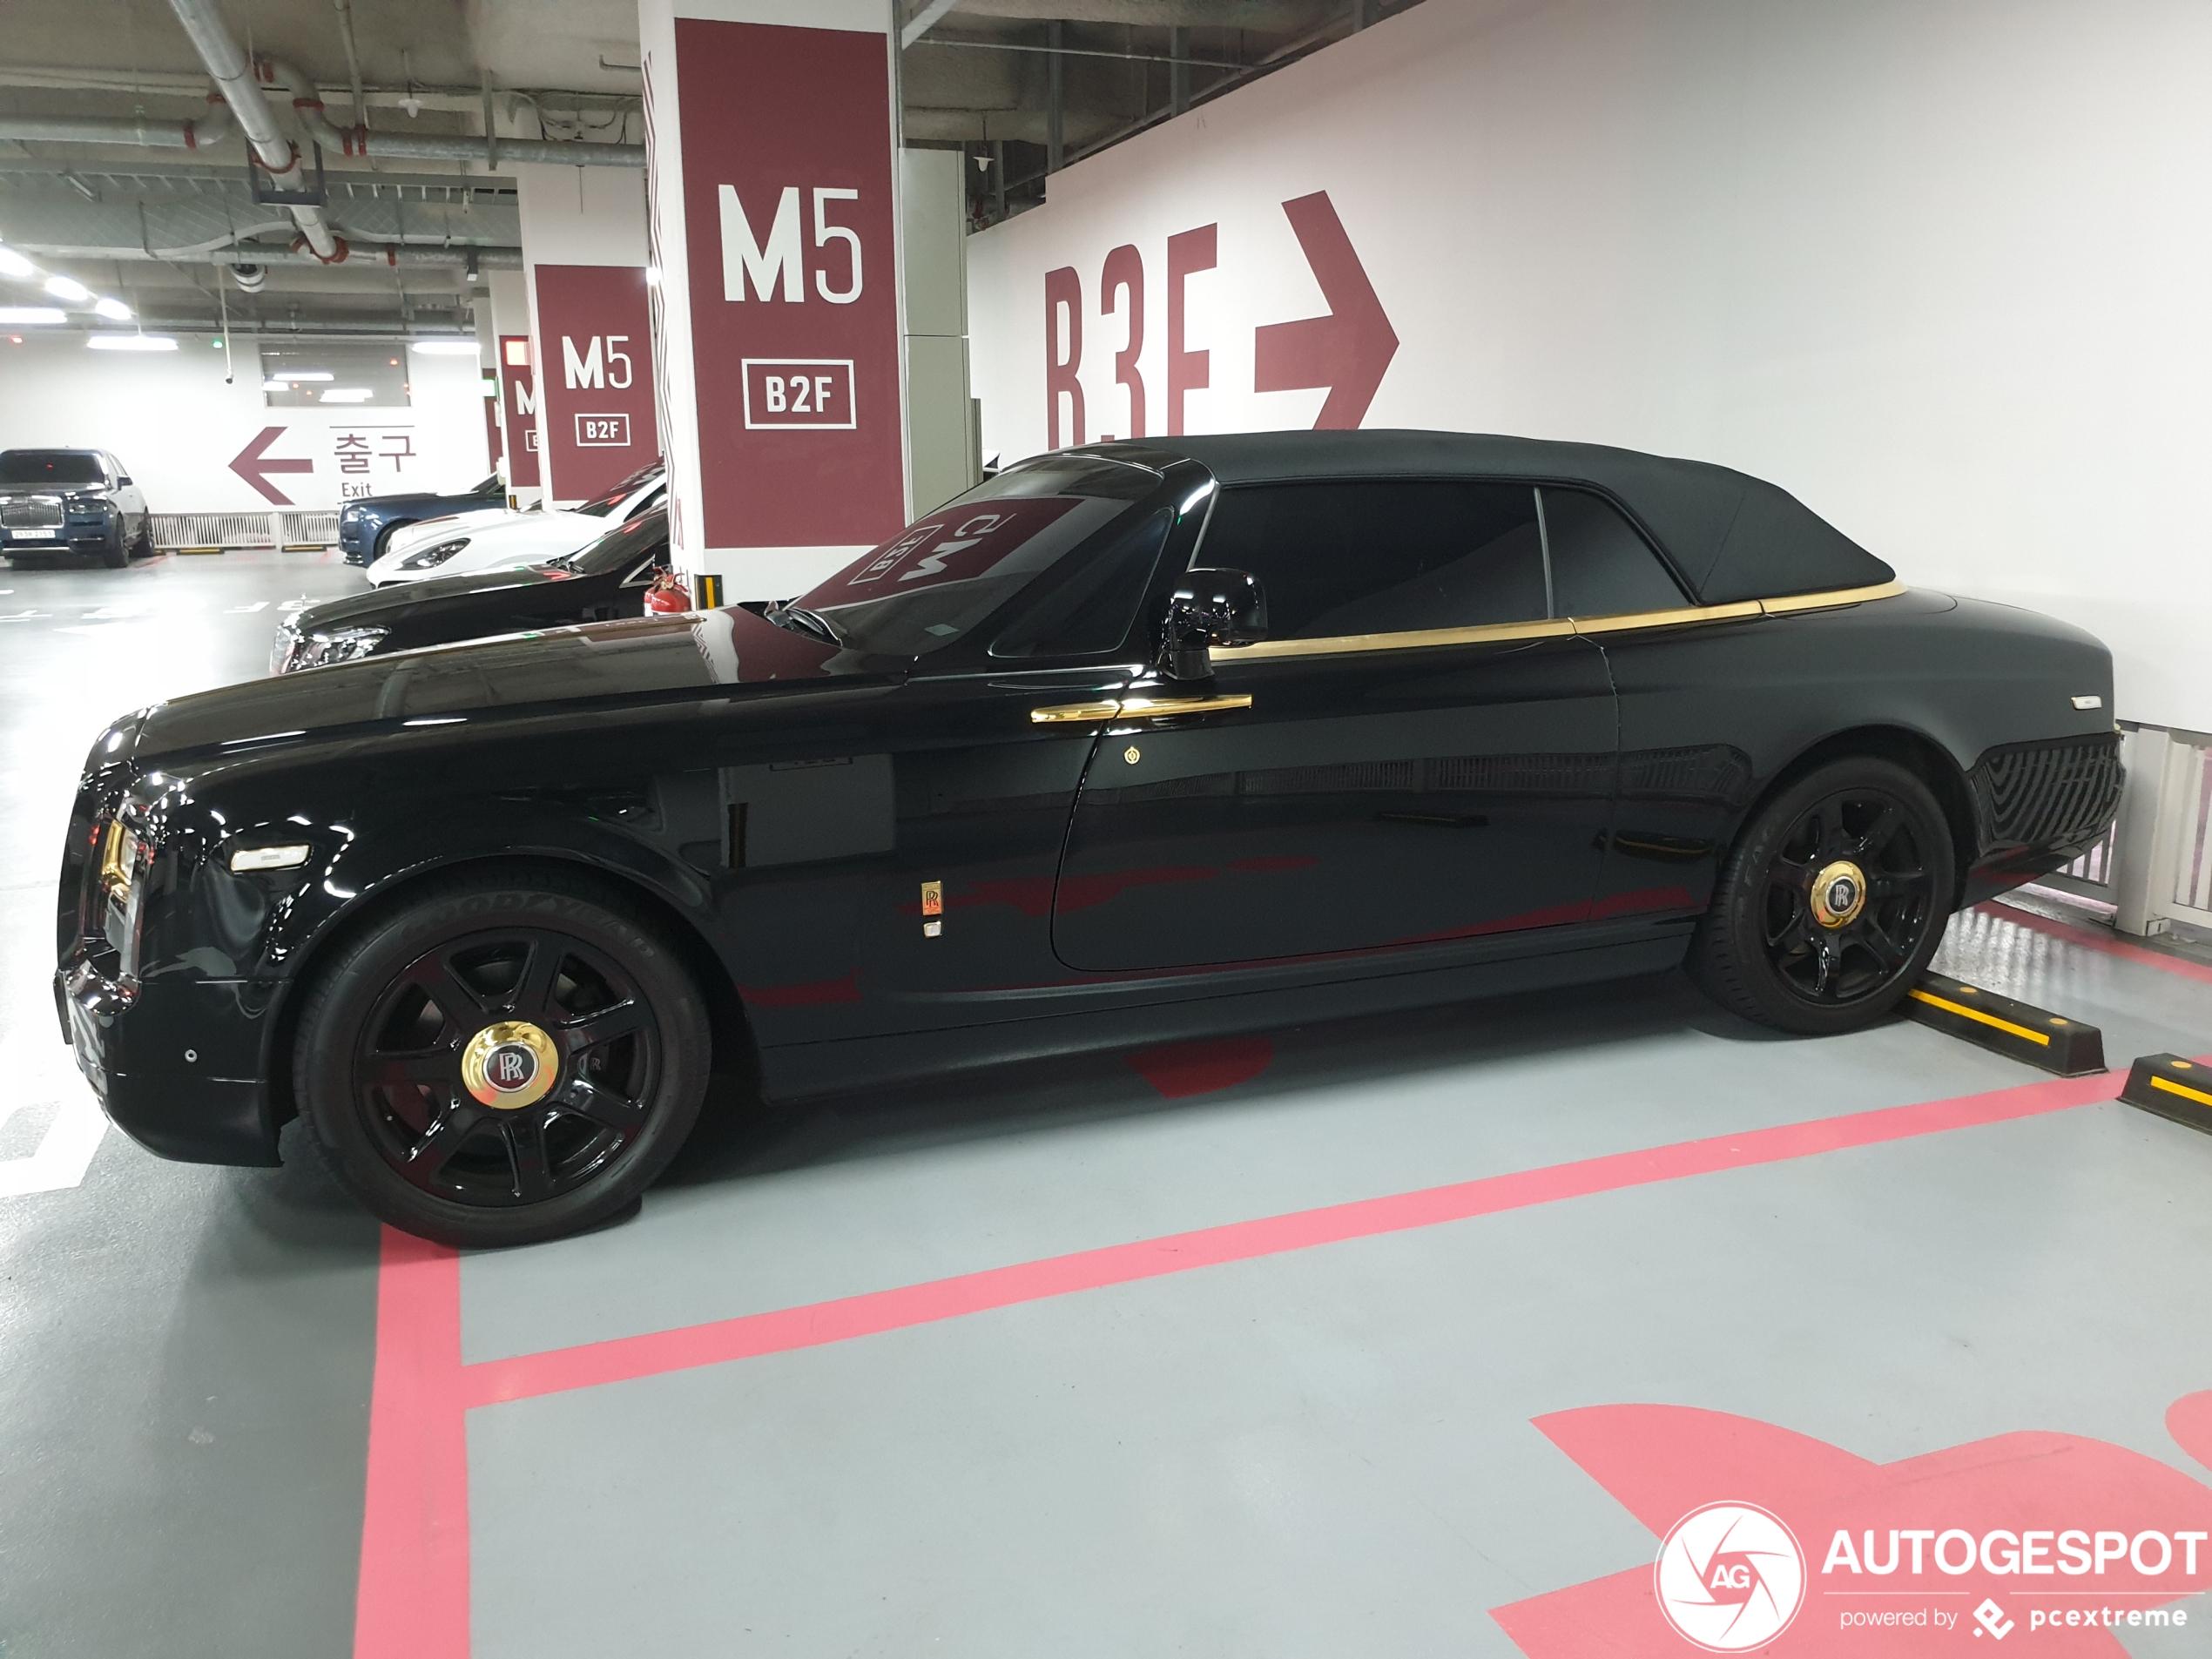 Koreaanse Rolls-Royce gaat niet meer voor volledig goud